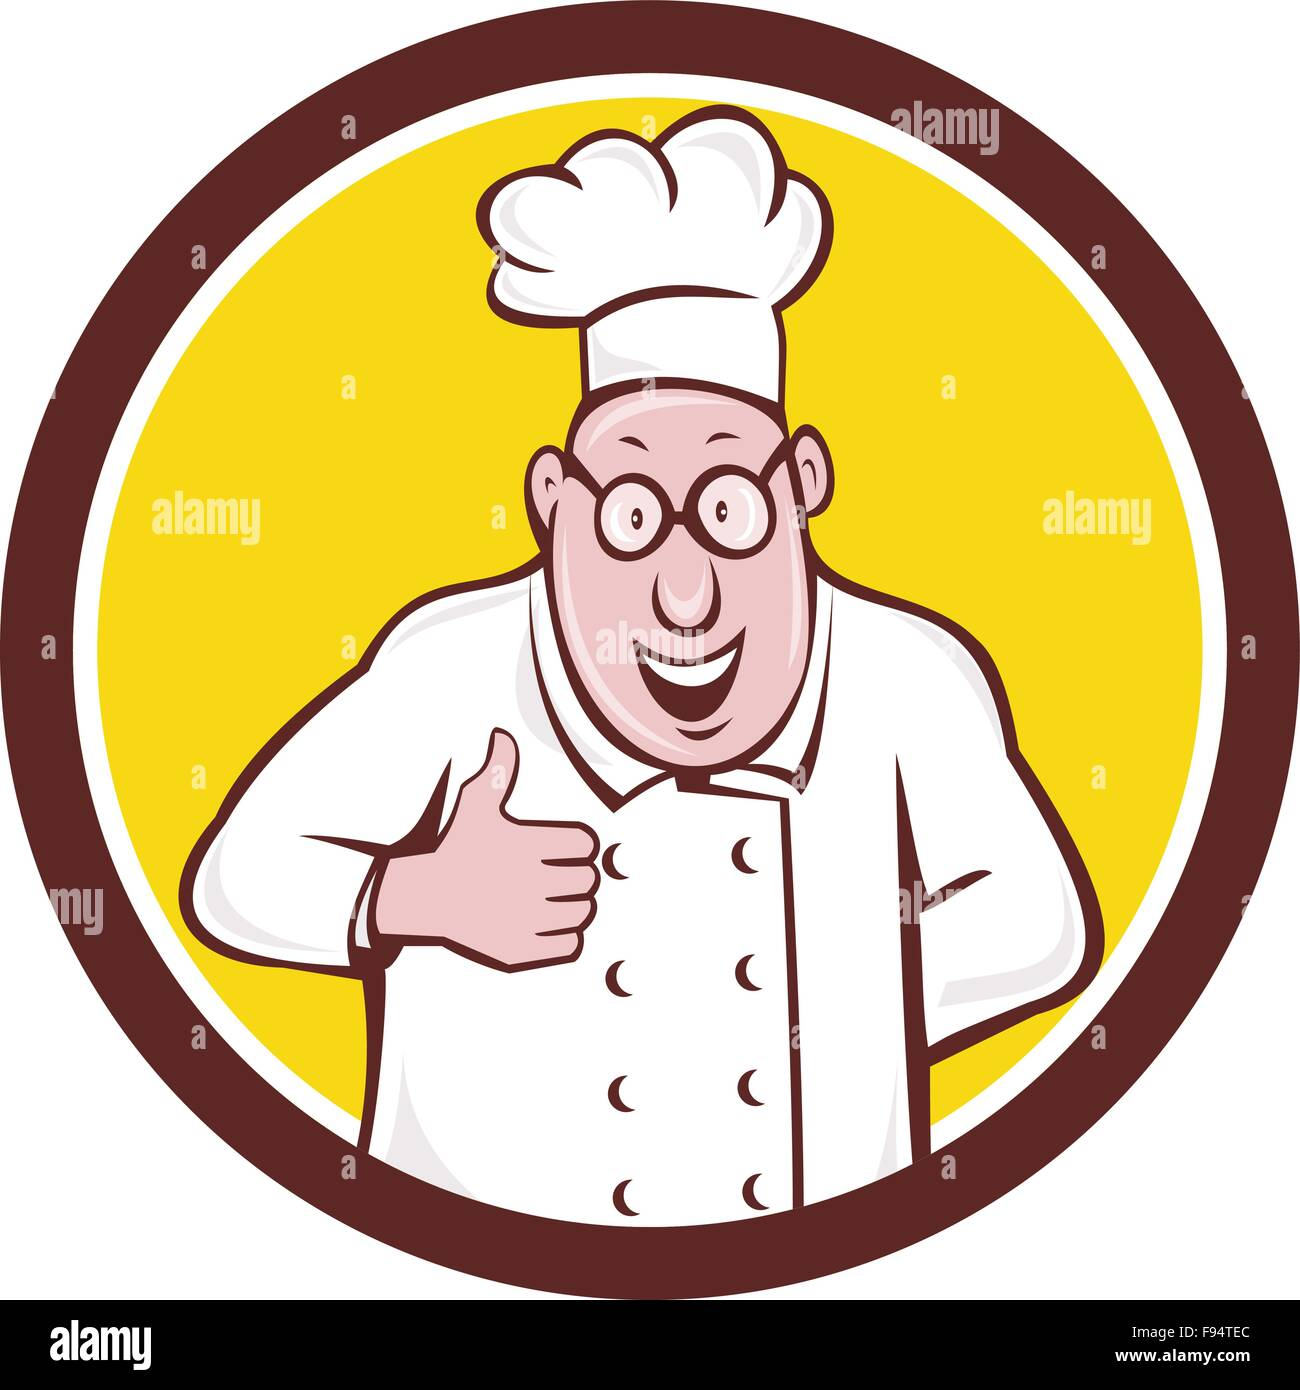 980cf7b1a6851 Ilustración de un chef sonriente vistiendo gorro de cocinero y anteojos  haciendo un Thumbs up visto desde el conjunto delantero dentro del círculo  sobre ...